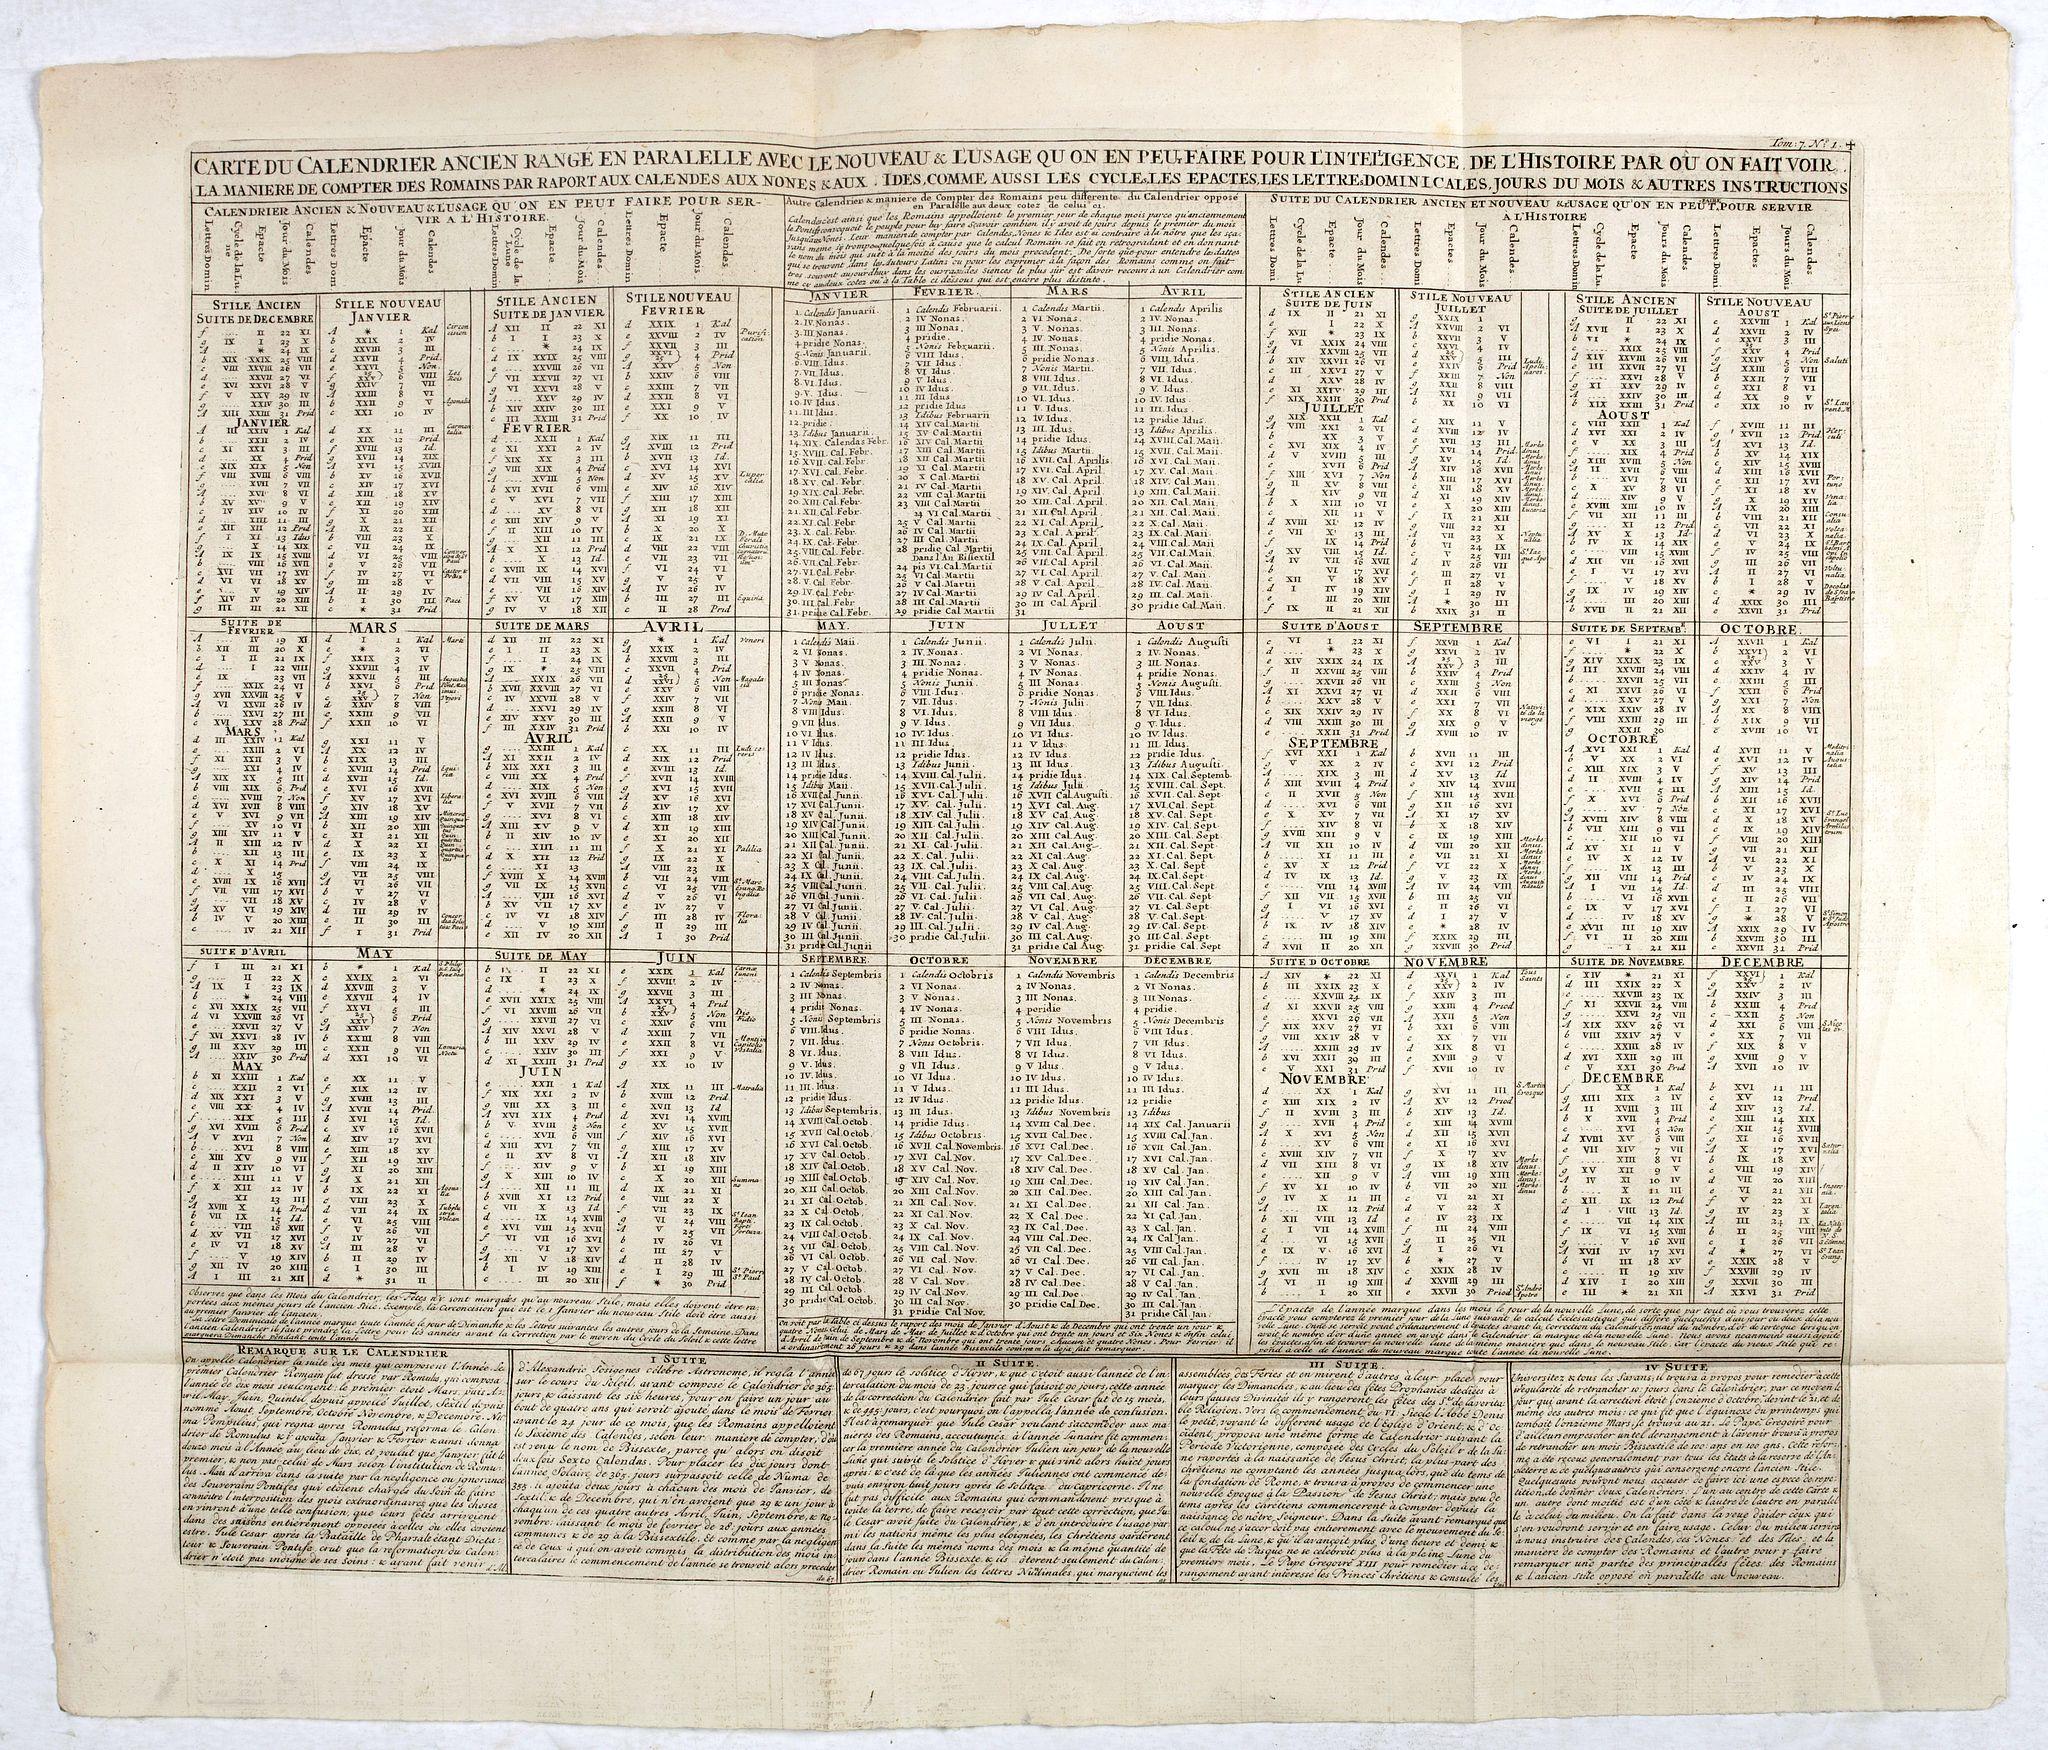 CHATELAIN, H. -  Carte du calendrier ancien rangé en parallèle avec le nouveau et l'usage qu'on en peut faire pour l'intelligence de l'histoire par ou on fait voir la manière de  . . .